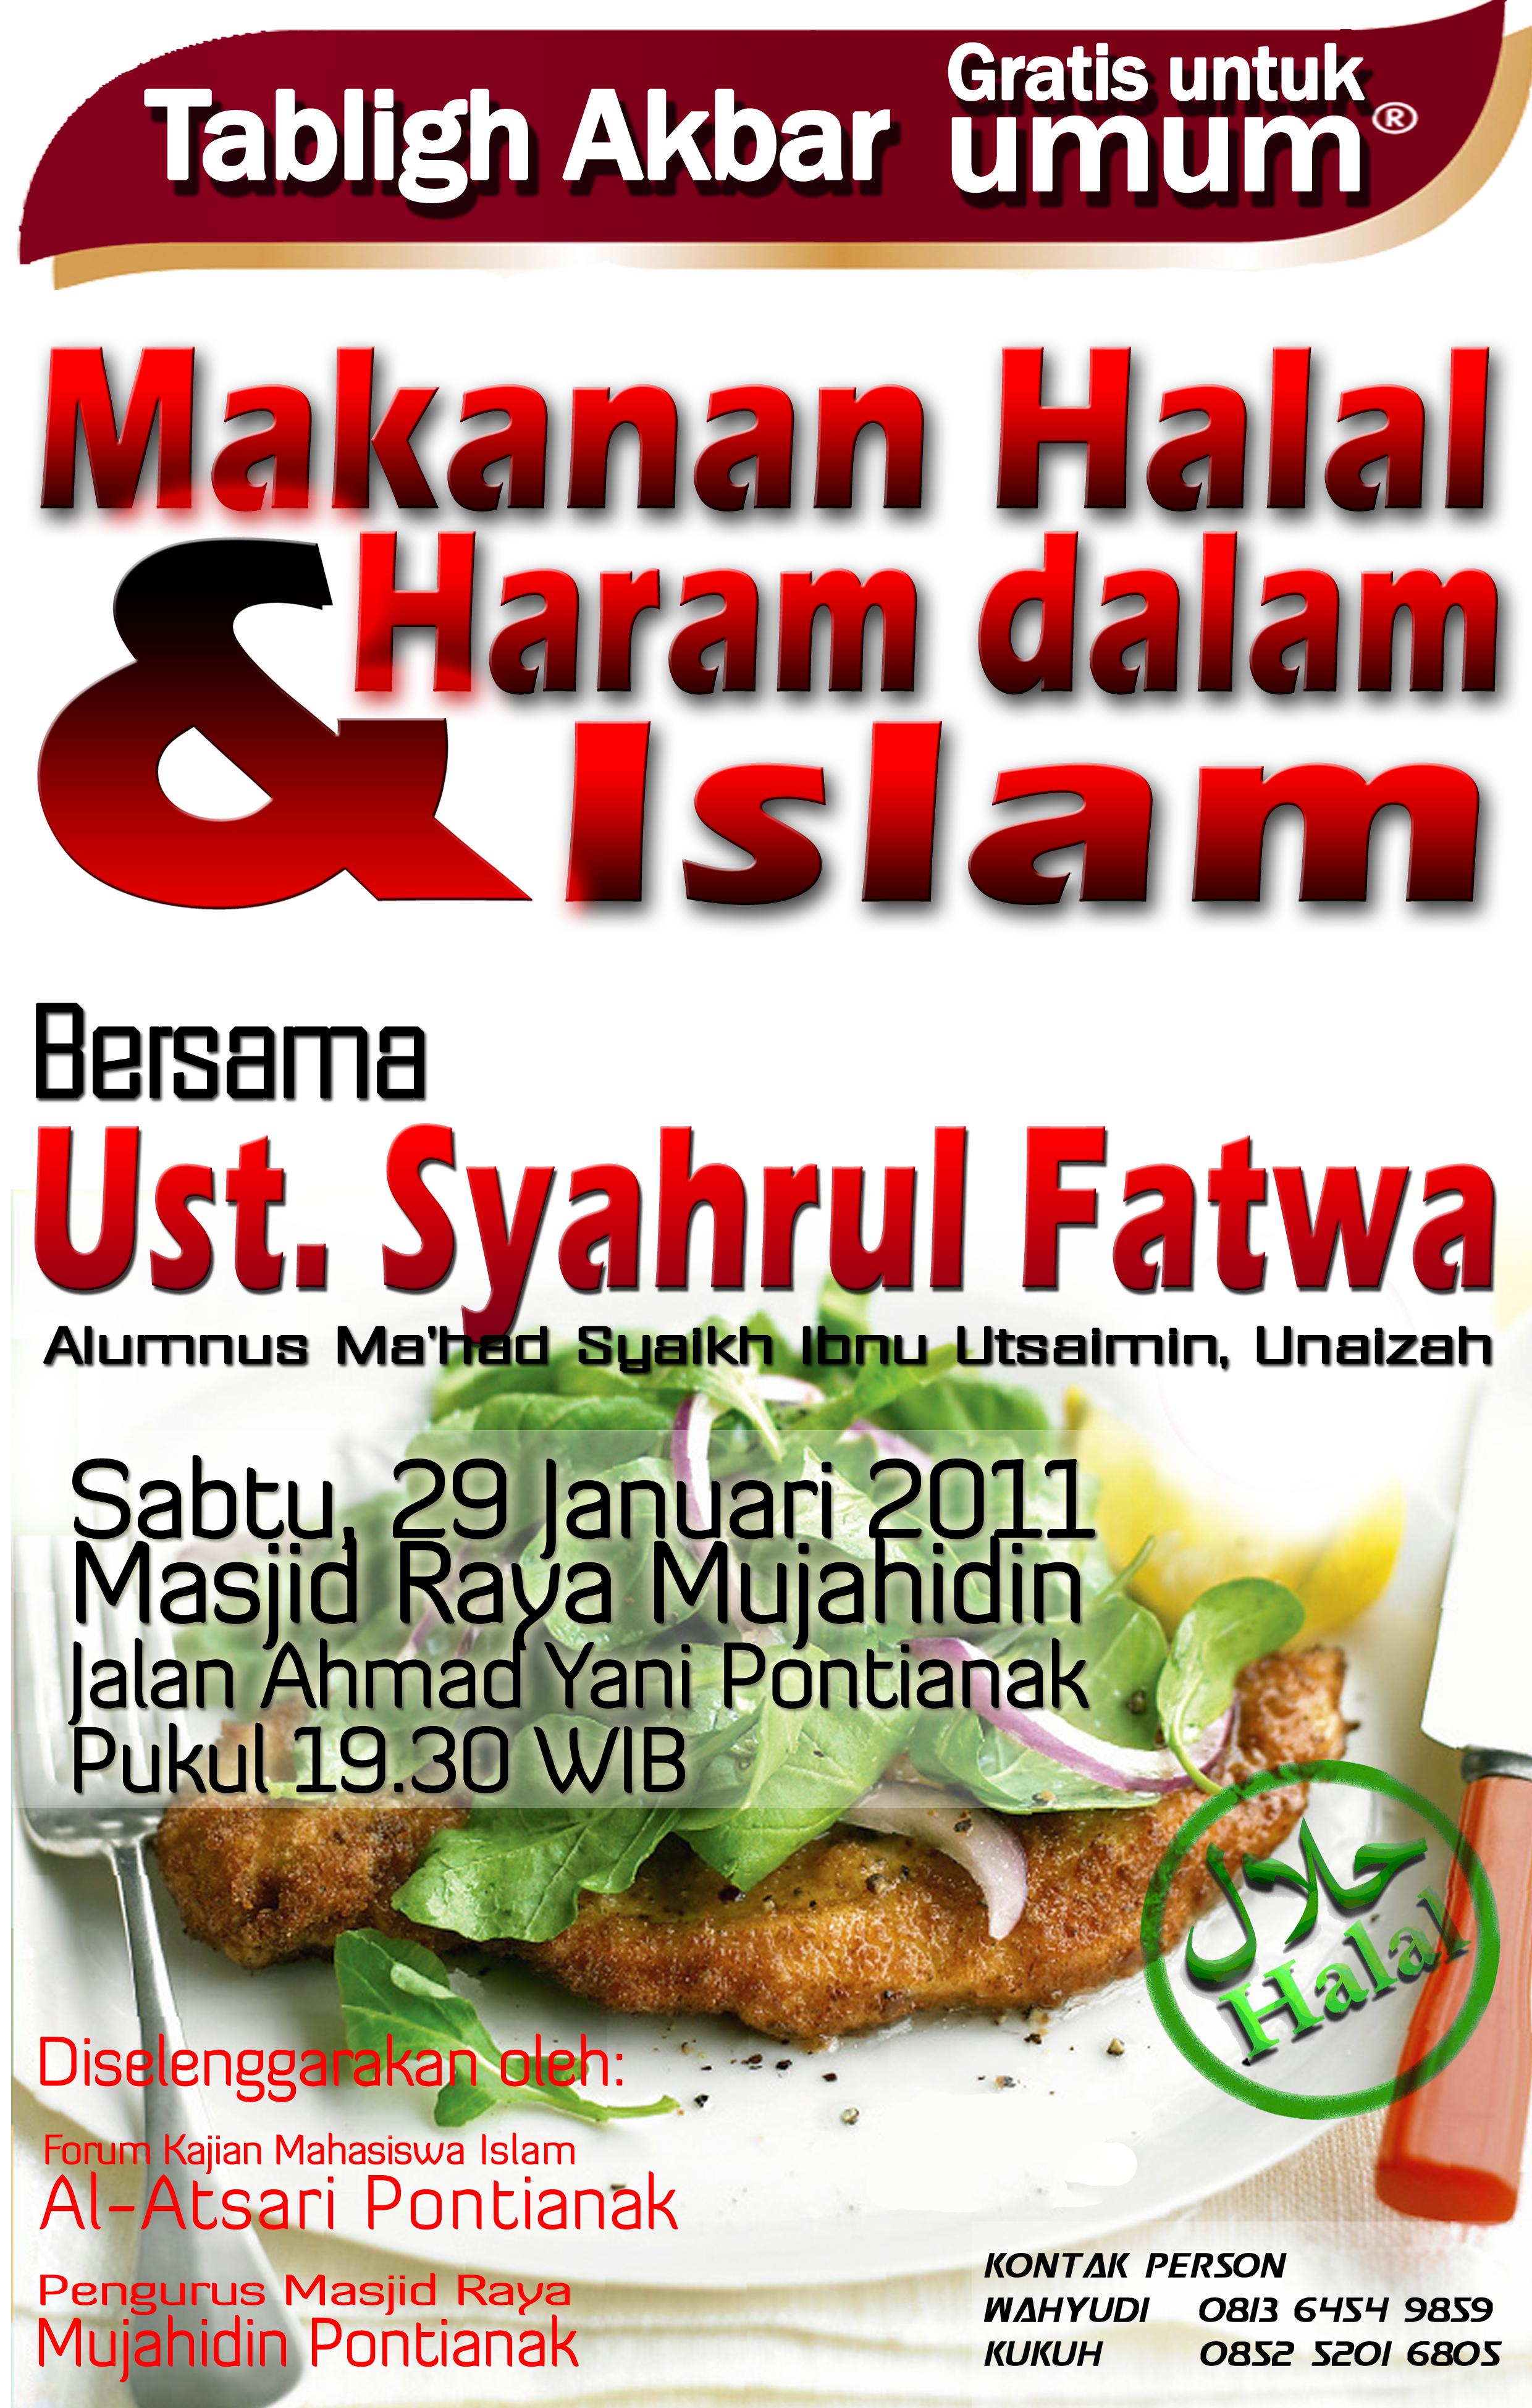 """Tabligh Akbar """"Makanan Halal & Haram dalam Islam"""" Bersama"""